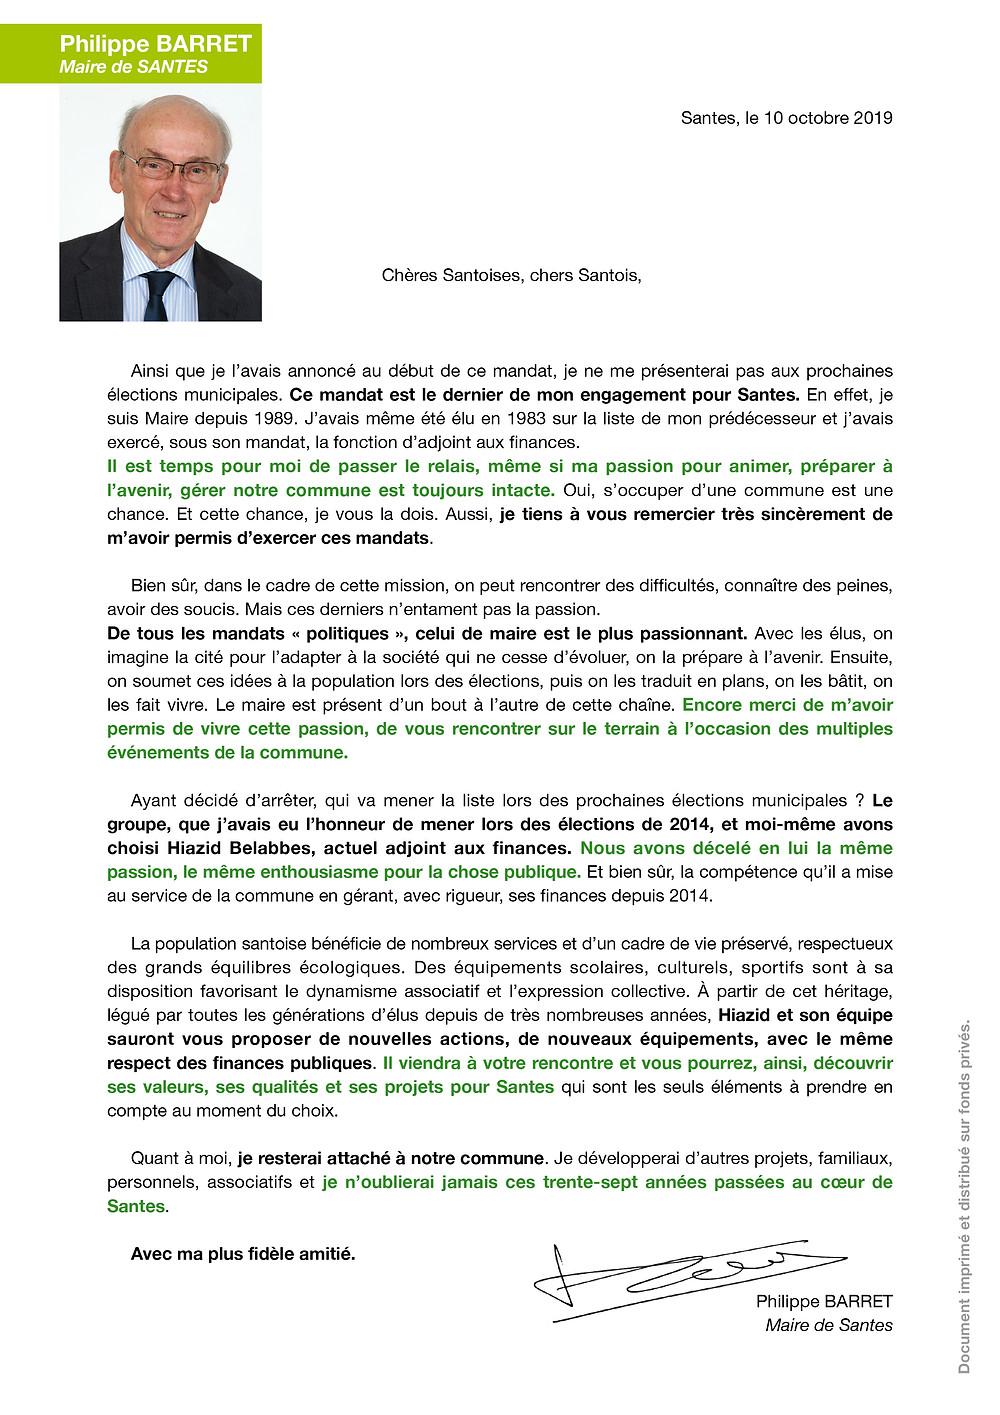 Lettre de Philippe BARRET, Maire de Santes, à la population